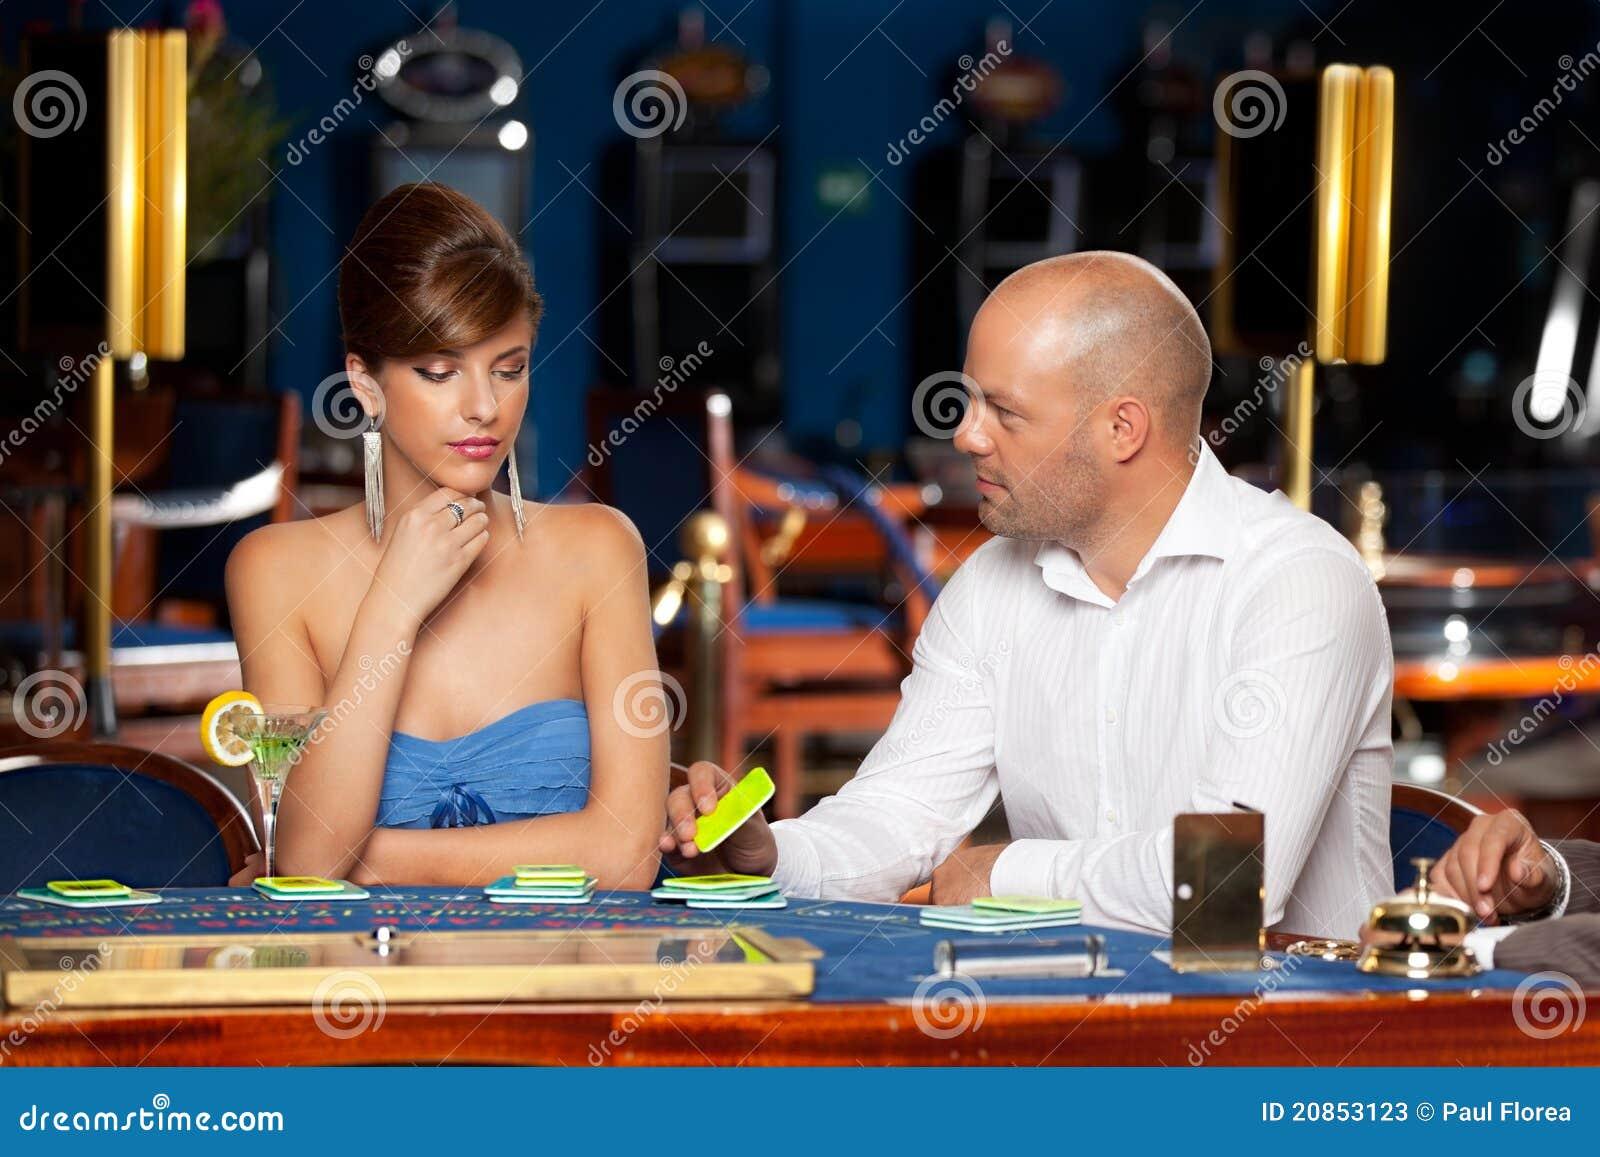 casino flirt